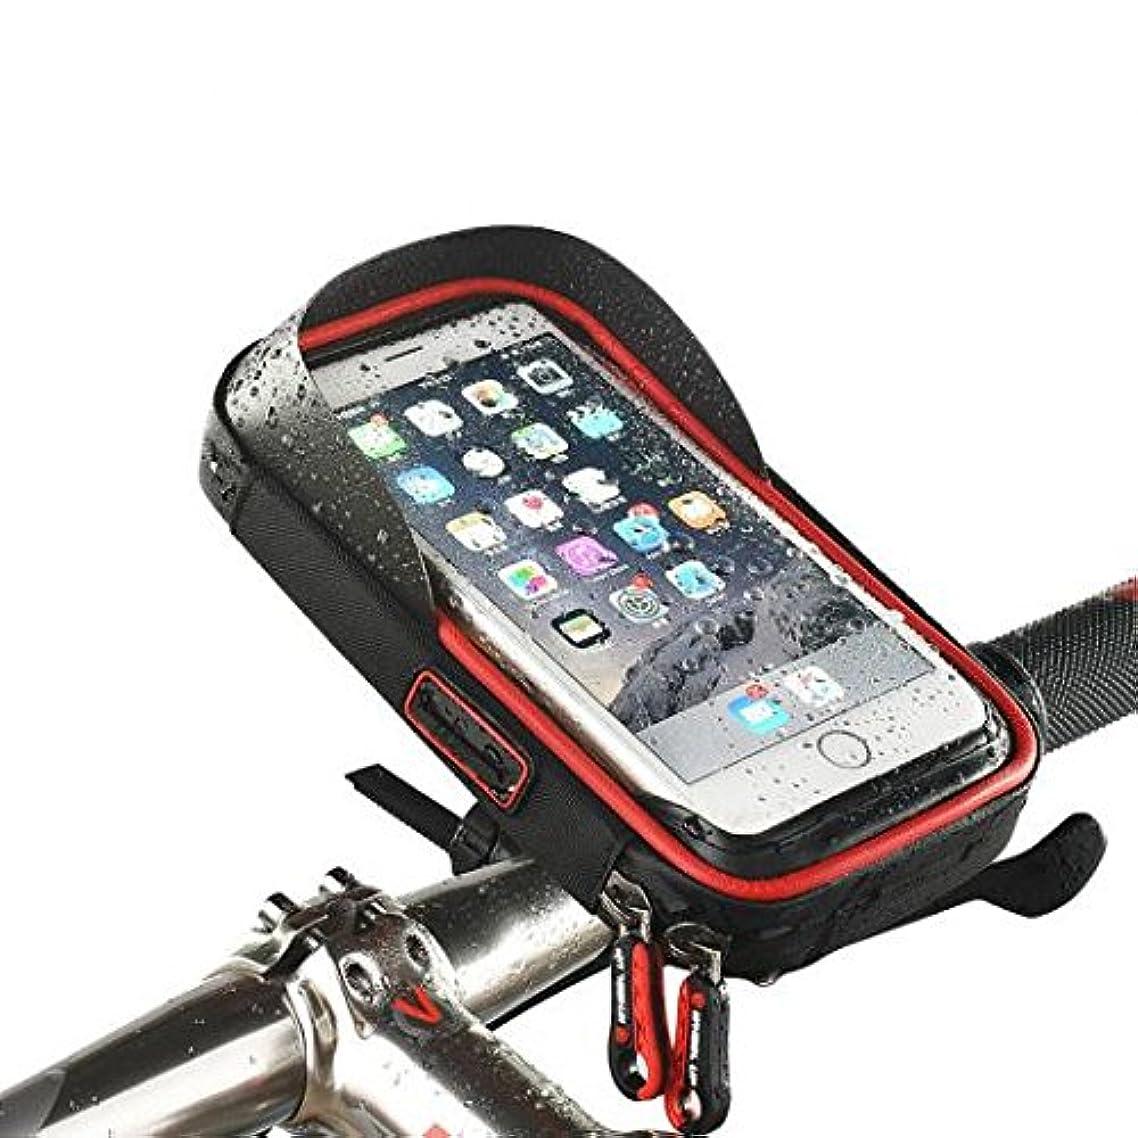 スクリューやさしい経験的AL バイク自転車防水 バッグ ホルダー バイクマウント対応 iPhone Andriod オール 6インチ未満 AL-AA-2318